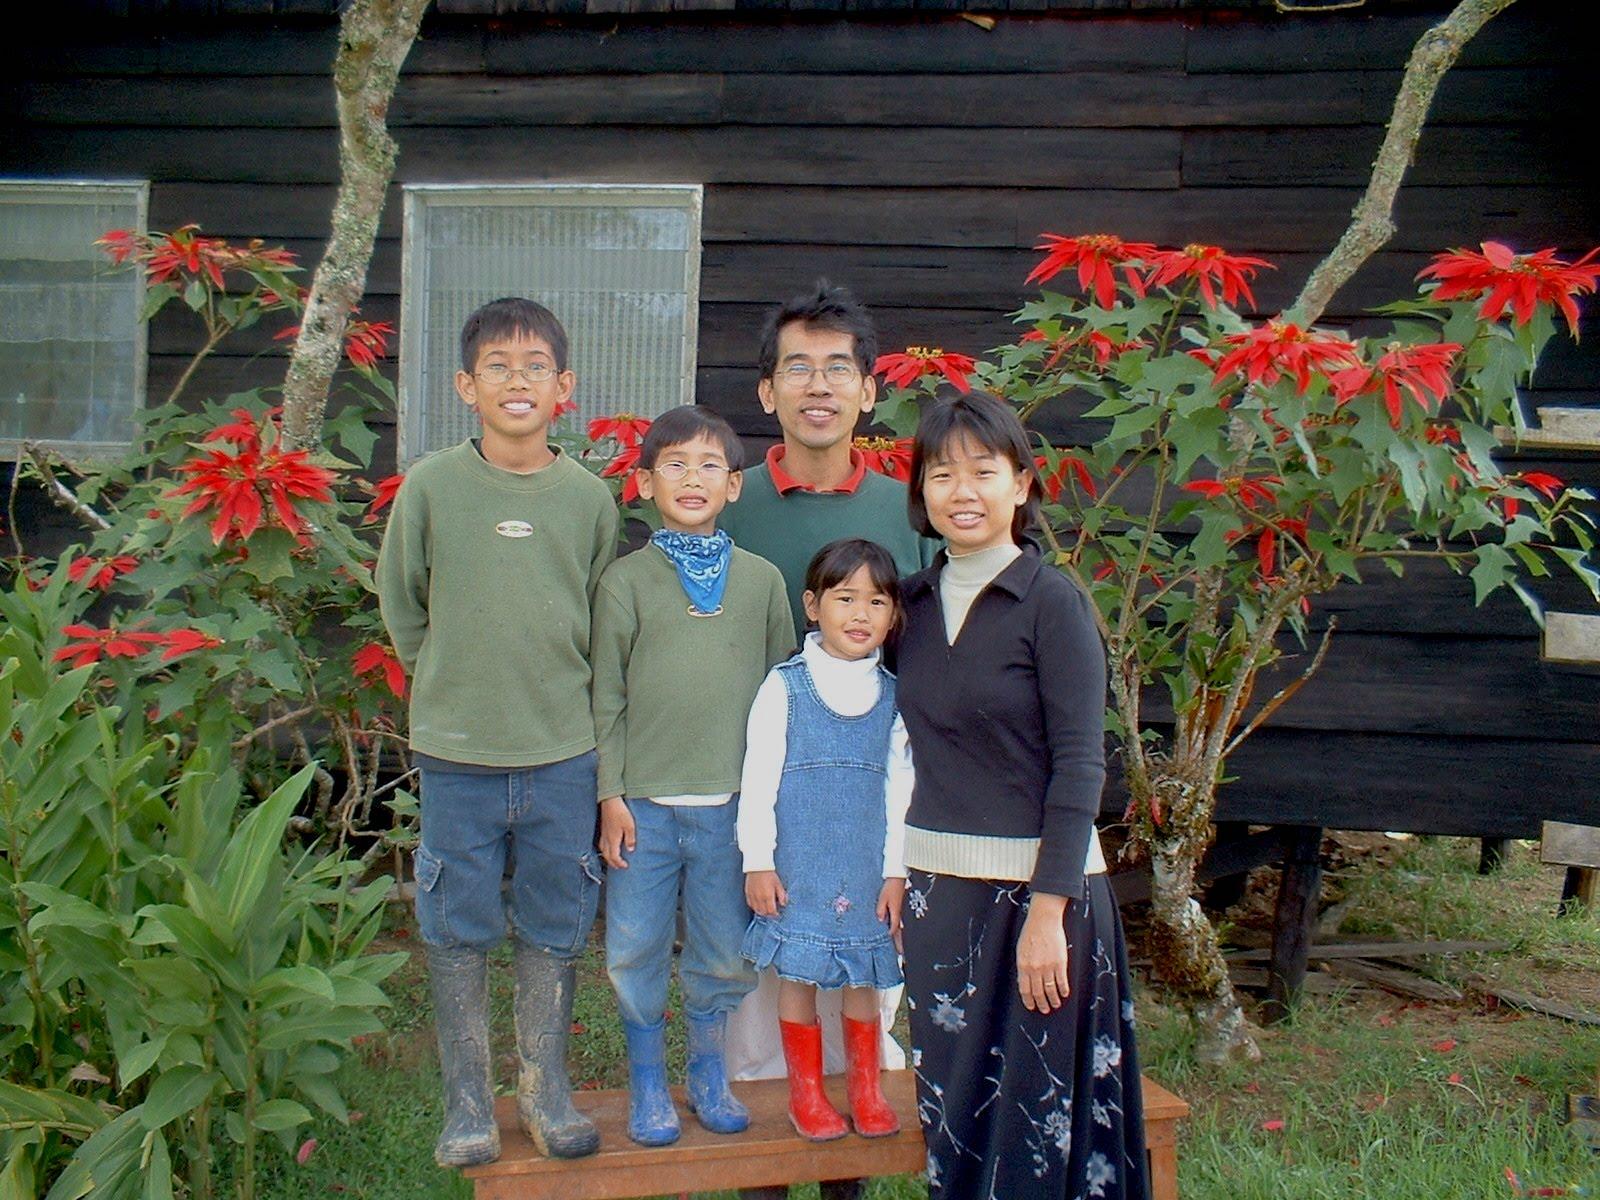 2. Seow Family